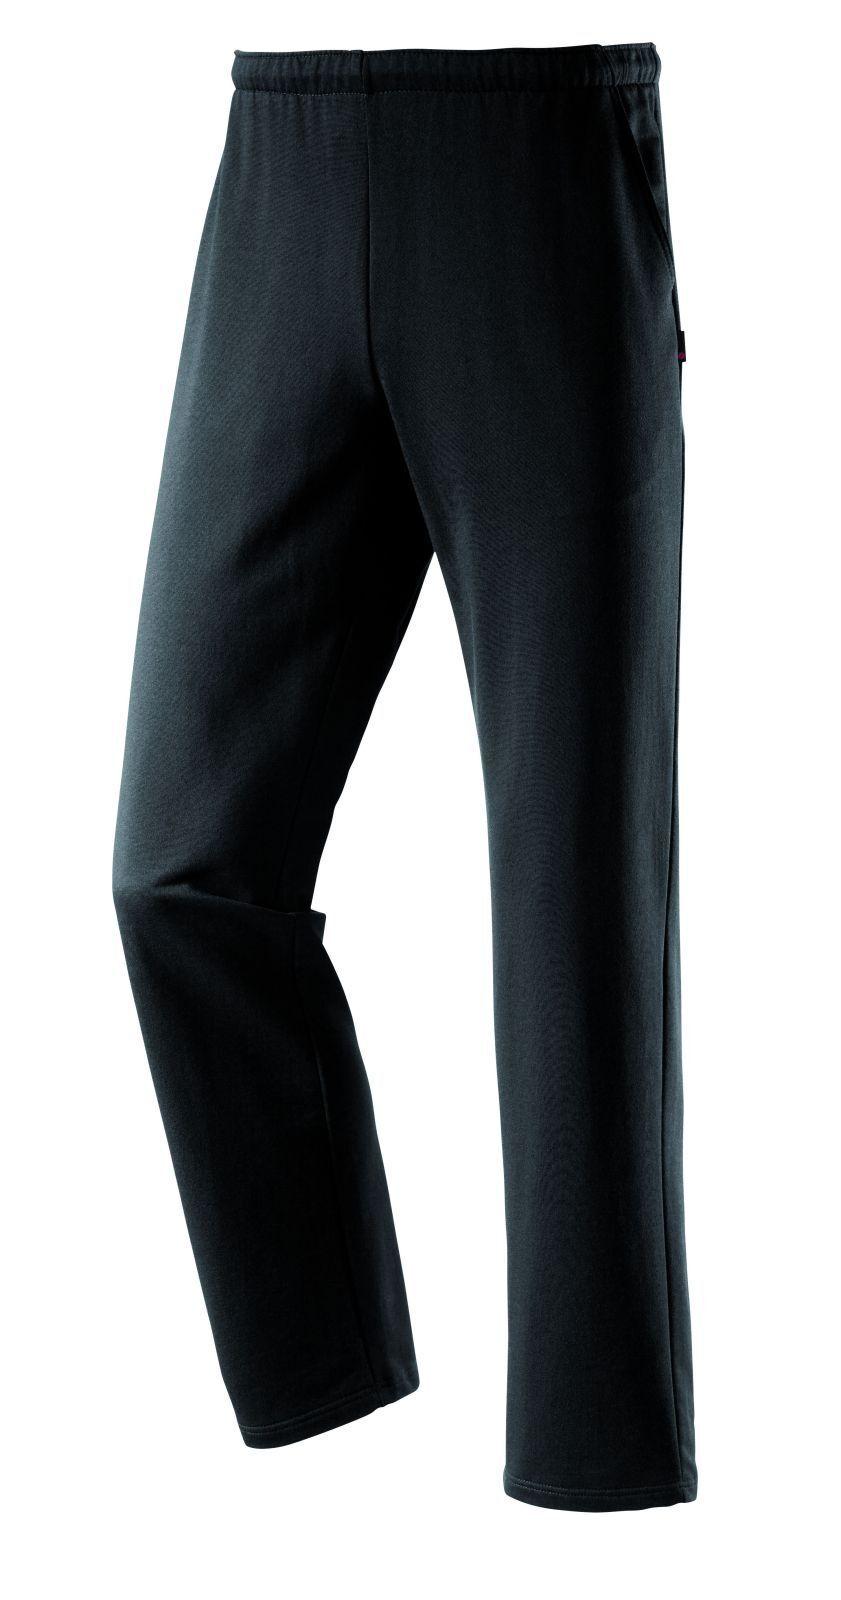 Schneider Sportswear Linzm Pantalones Hombre black Hay Auch en sizes Pequeñas